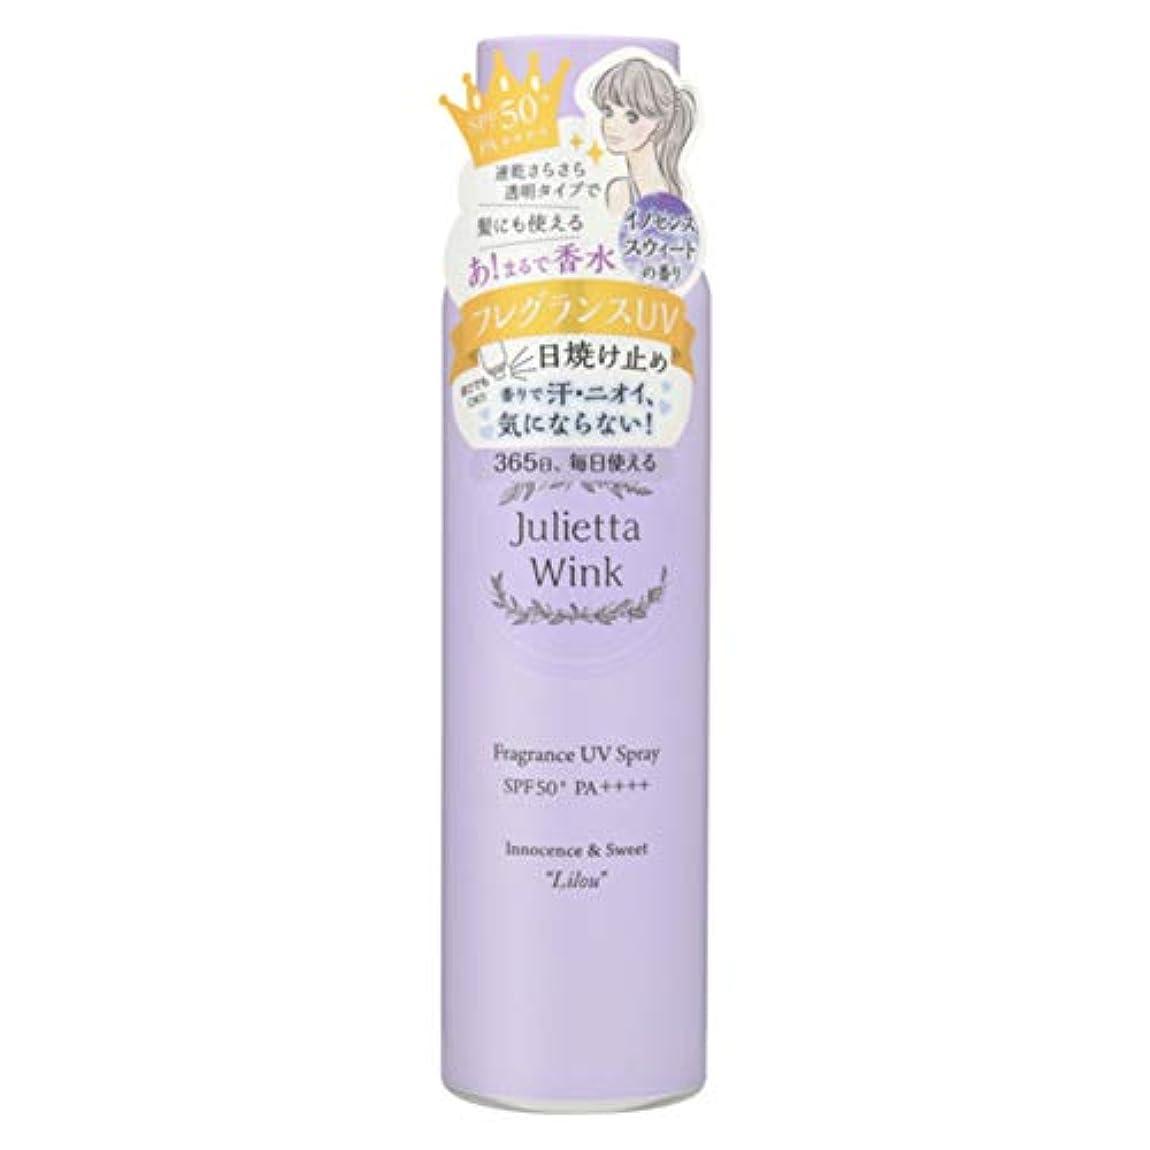 アレルギー隣接見込みジュリエッタウィンク フレグランス UVスプレー[リル]100g イノセンススウィートの香り(紫)